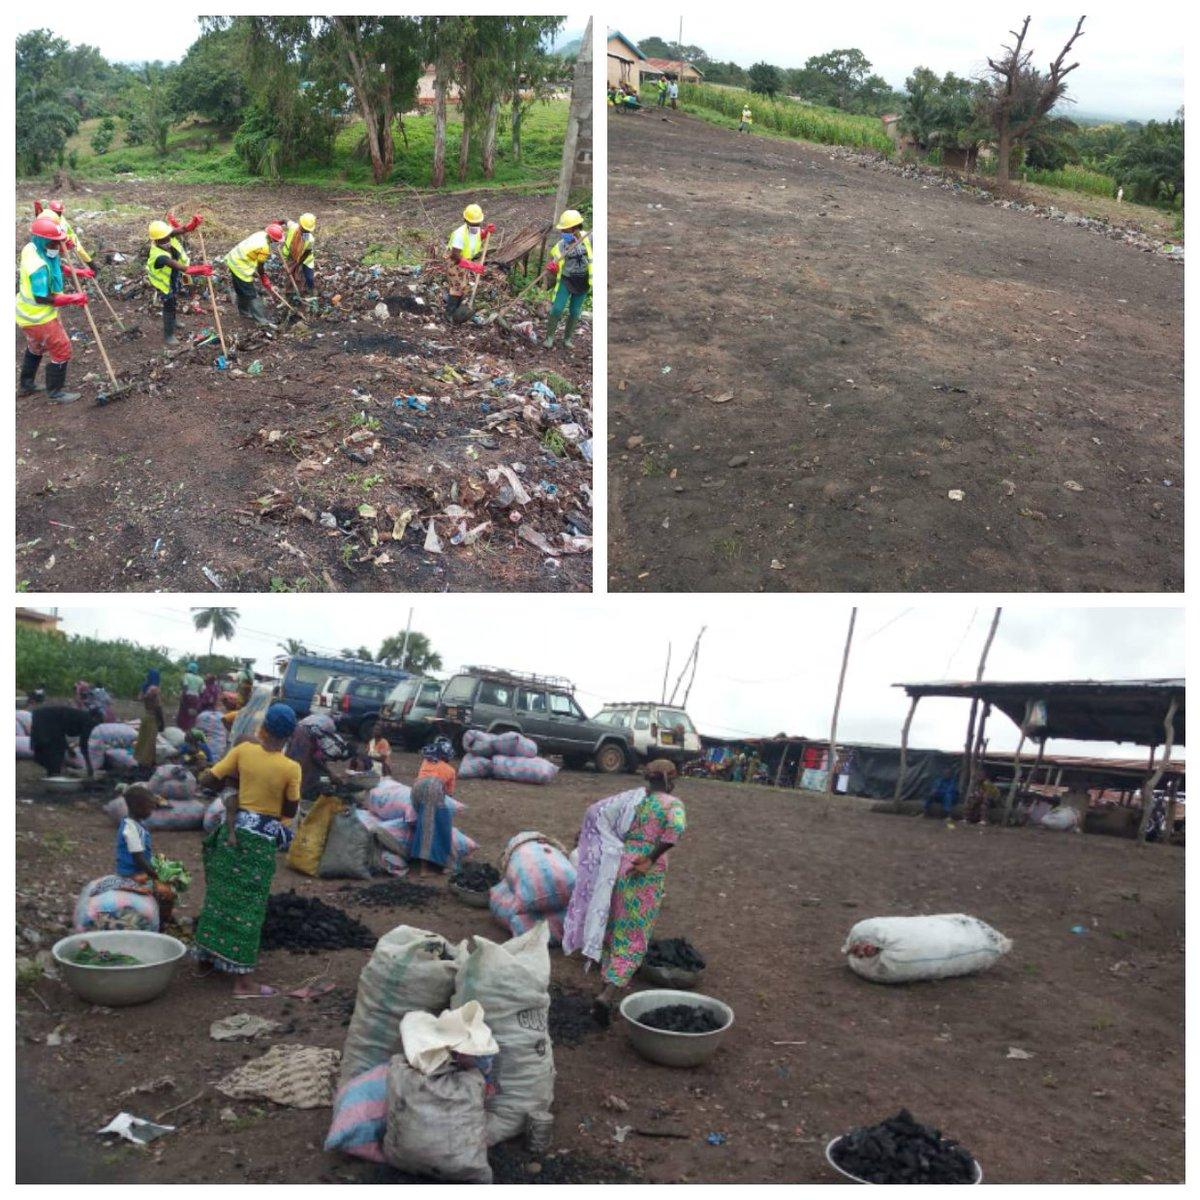 Les VEC ont détruit un dépotoir sauvage qui se trouvait près du marché d'aléheridè, du 10 au 11 août.  Sur cet espace, est installé désormais la station des taxis et les commerçantes du charbon de bois.  #VEC #JeMengage #CRVCentrale #ANVT https://t.co/gGCZTGoZT1